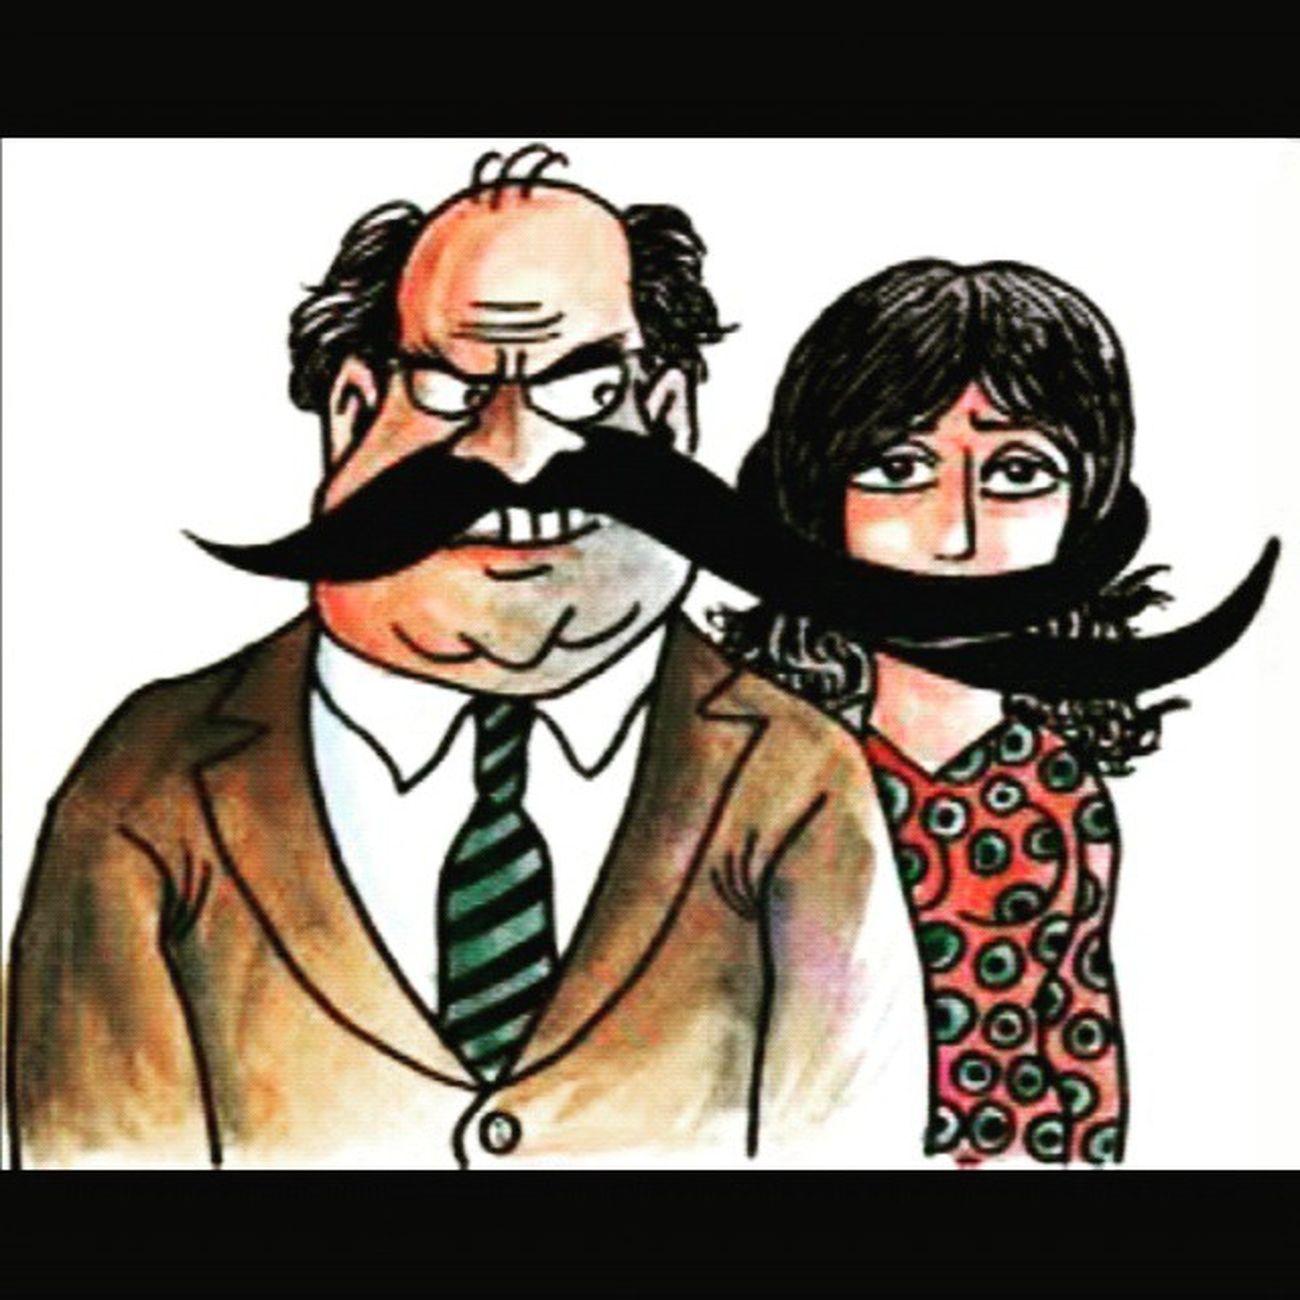 أعيش في مجتمع ذكوري يهمش المرأة لمجرد كونها مرأة إنتفاضة المرأة العربية 👤✌